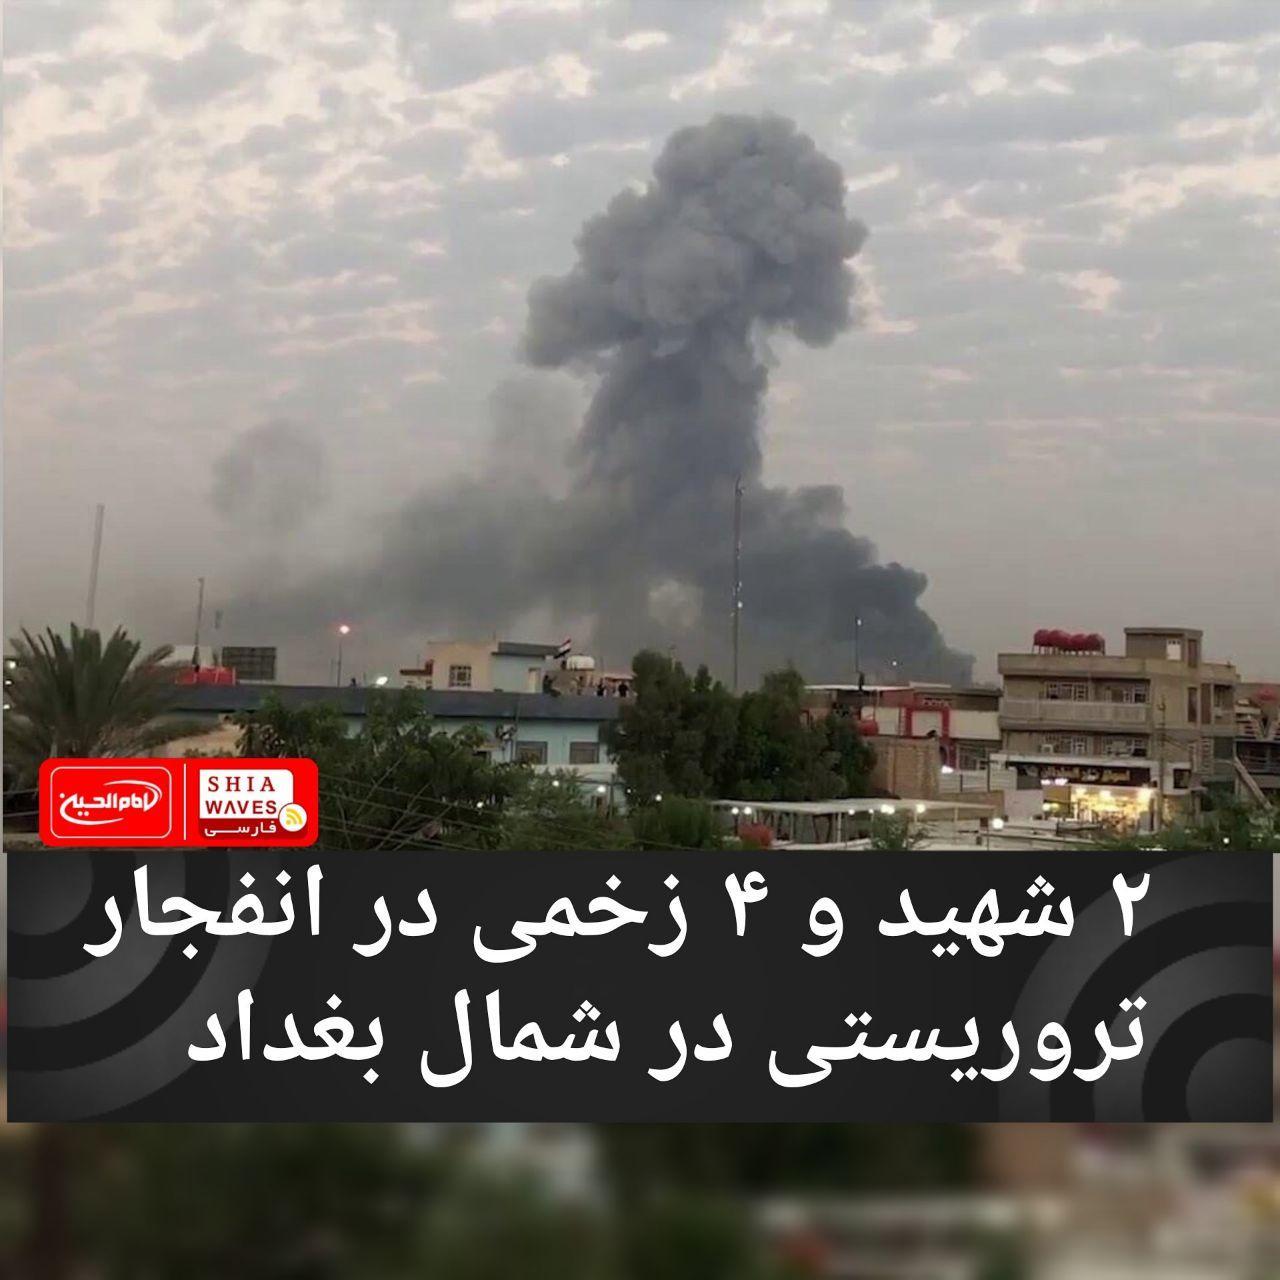 تصویر ۲شهید و ۴ زخمی در انفجار تروریستی در شمال بغداد